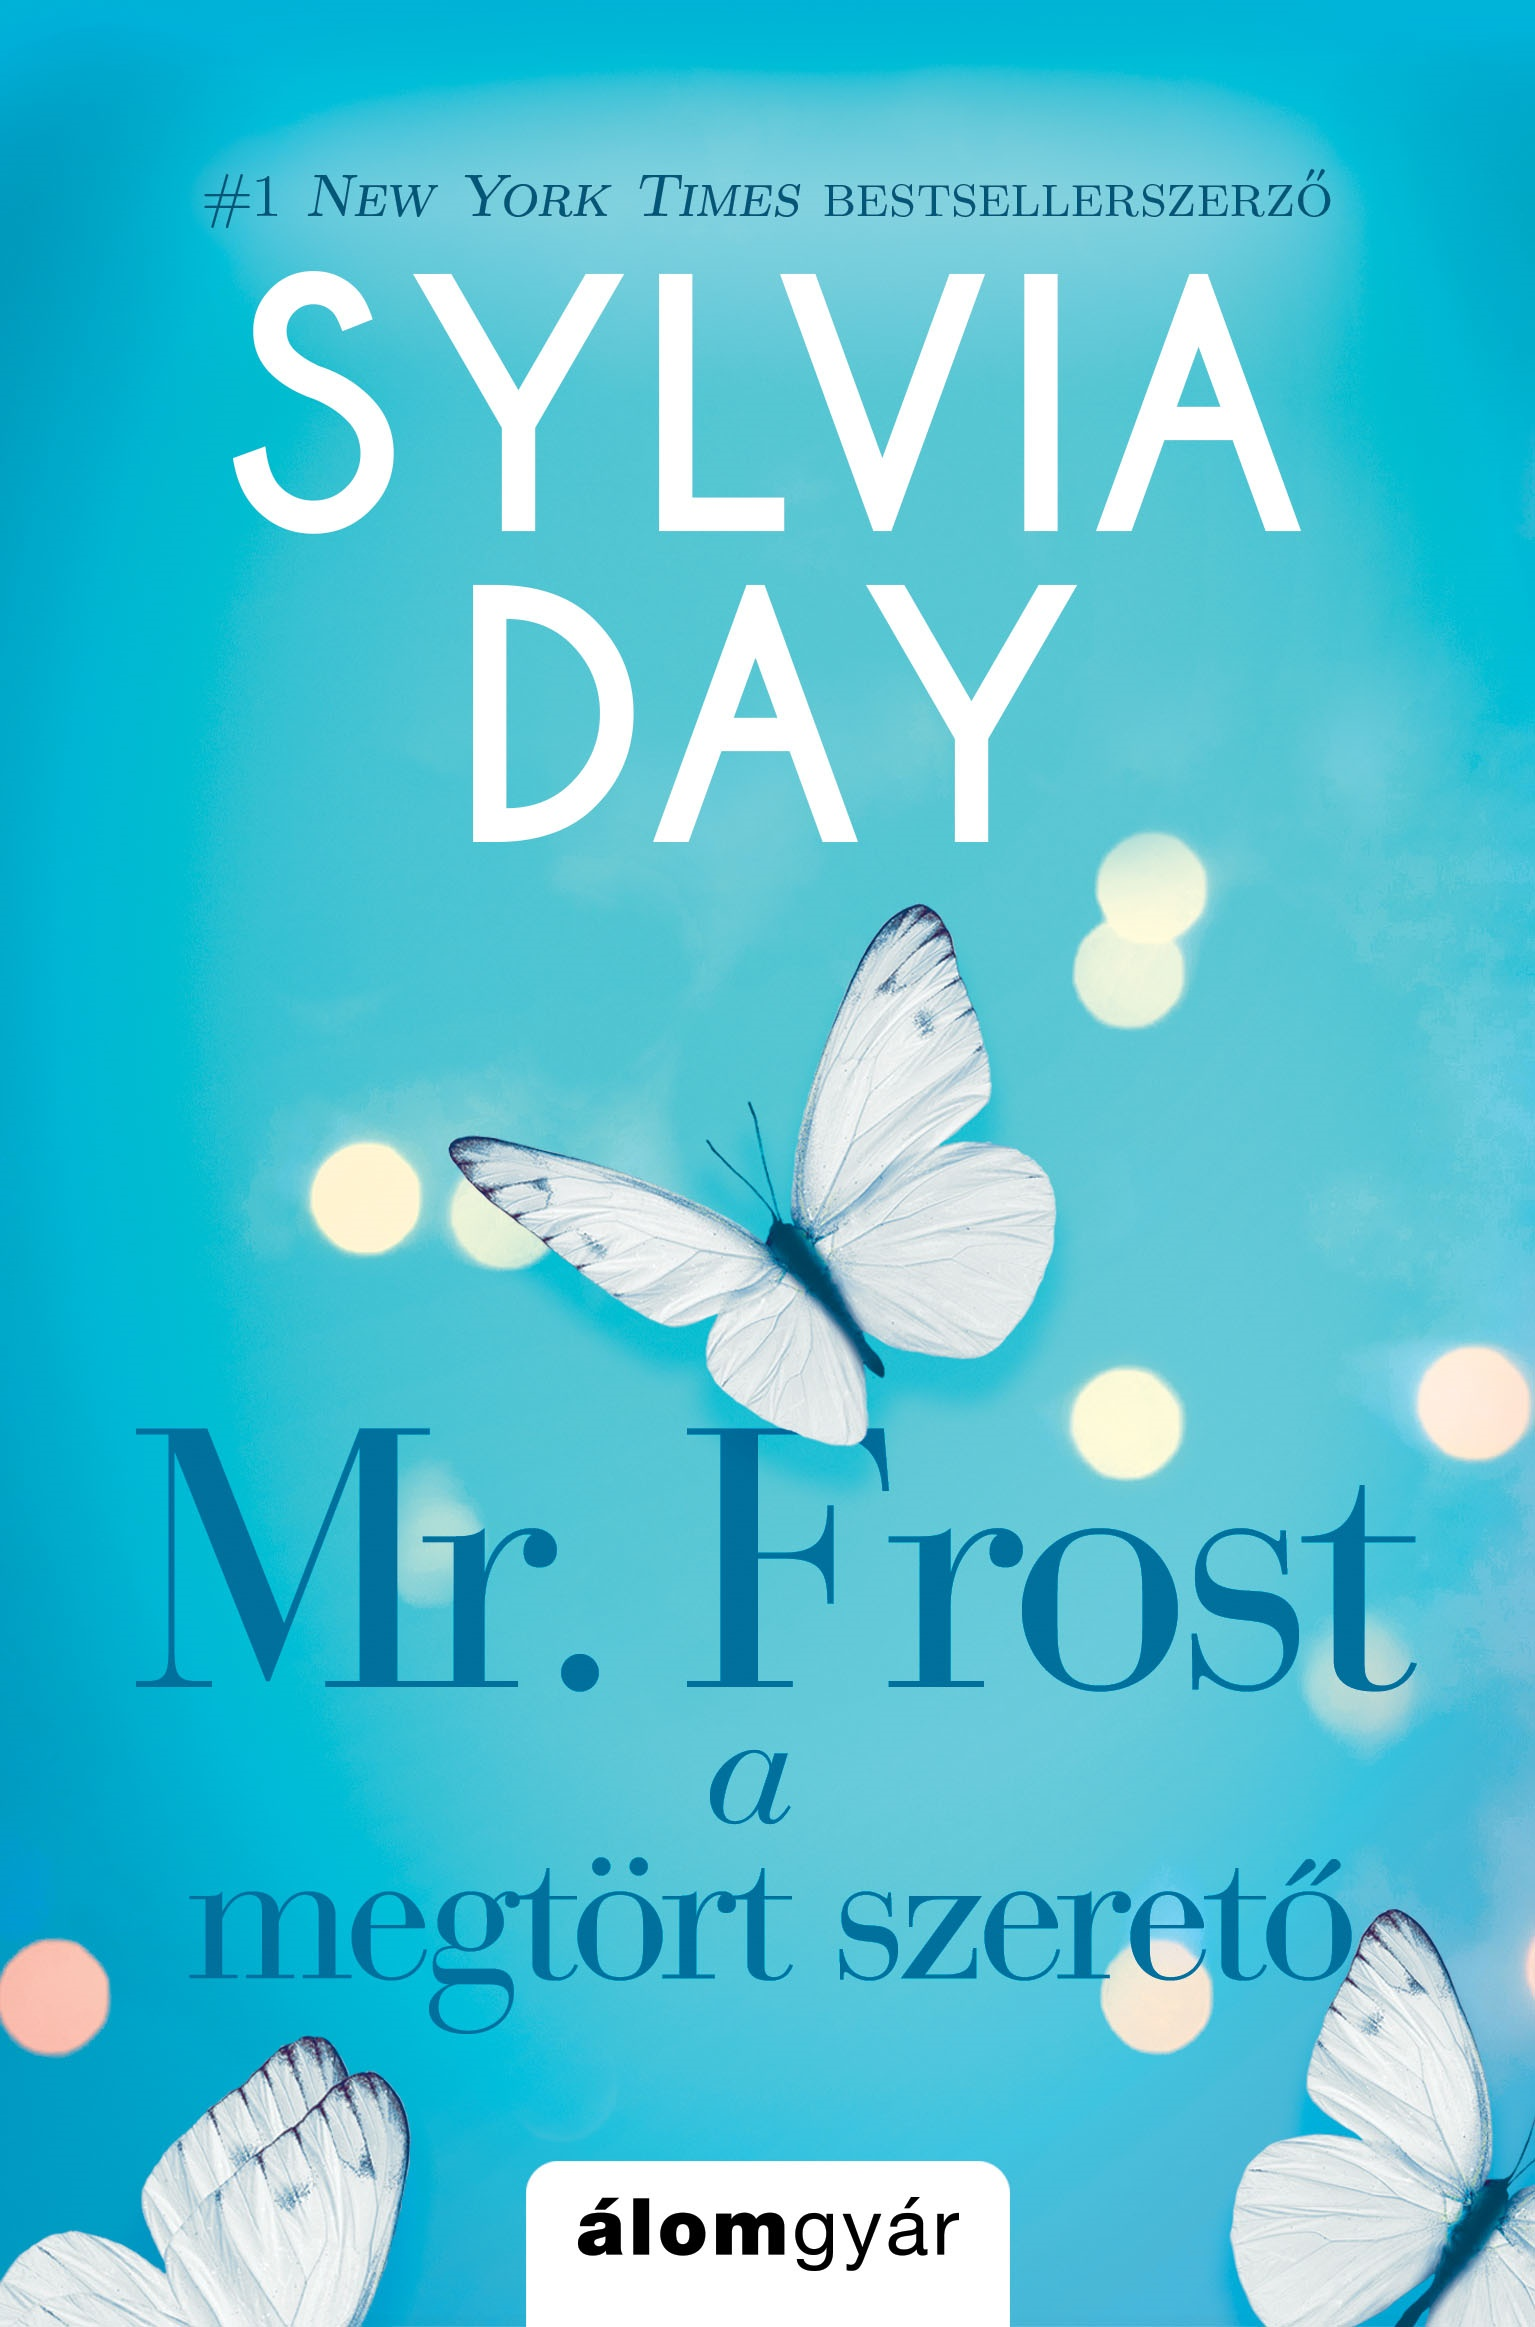 Mr. Frost - A megtört szerető